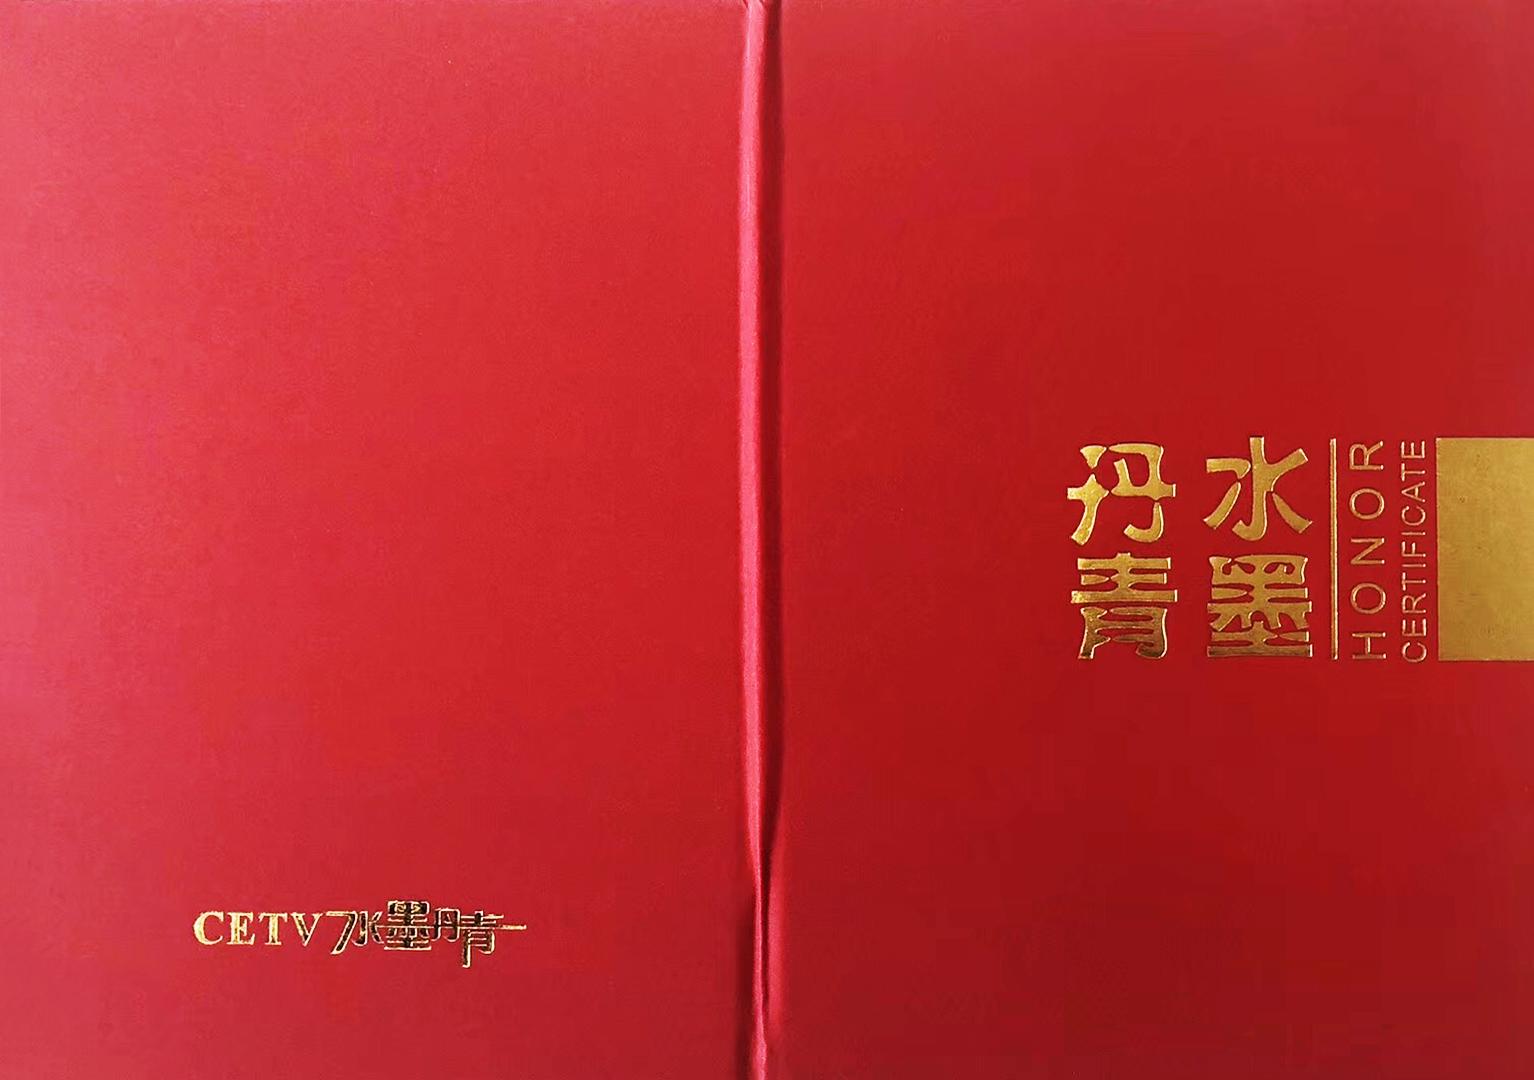 CETV水墨丹青荣誉证书